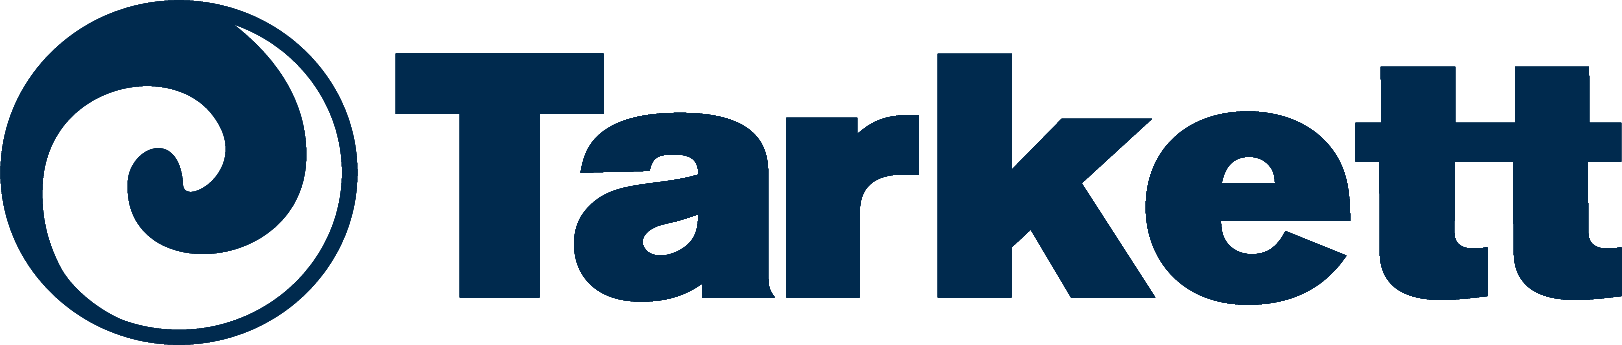 Tarkett-Navy-Logo-01-2